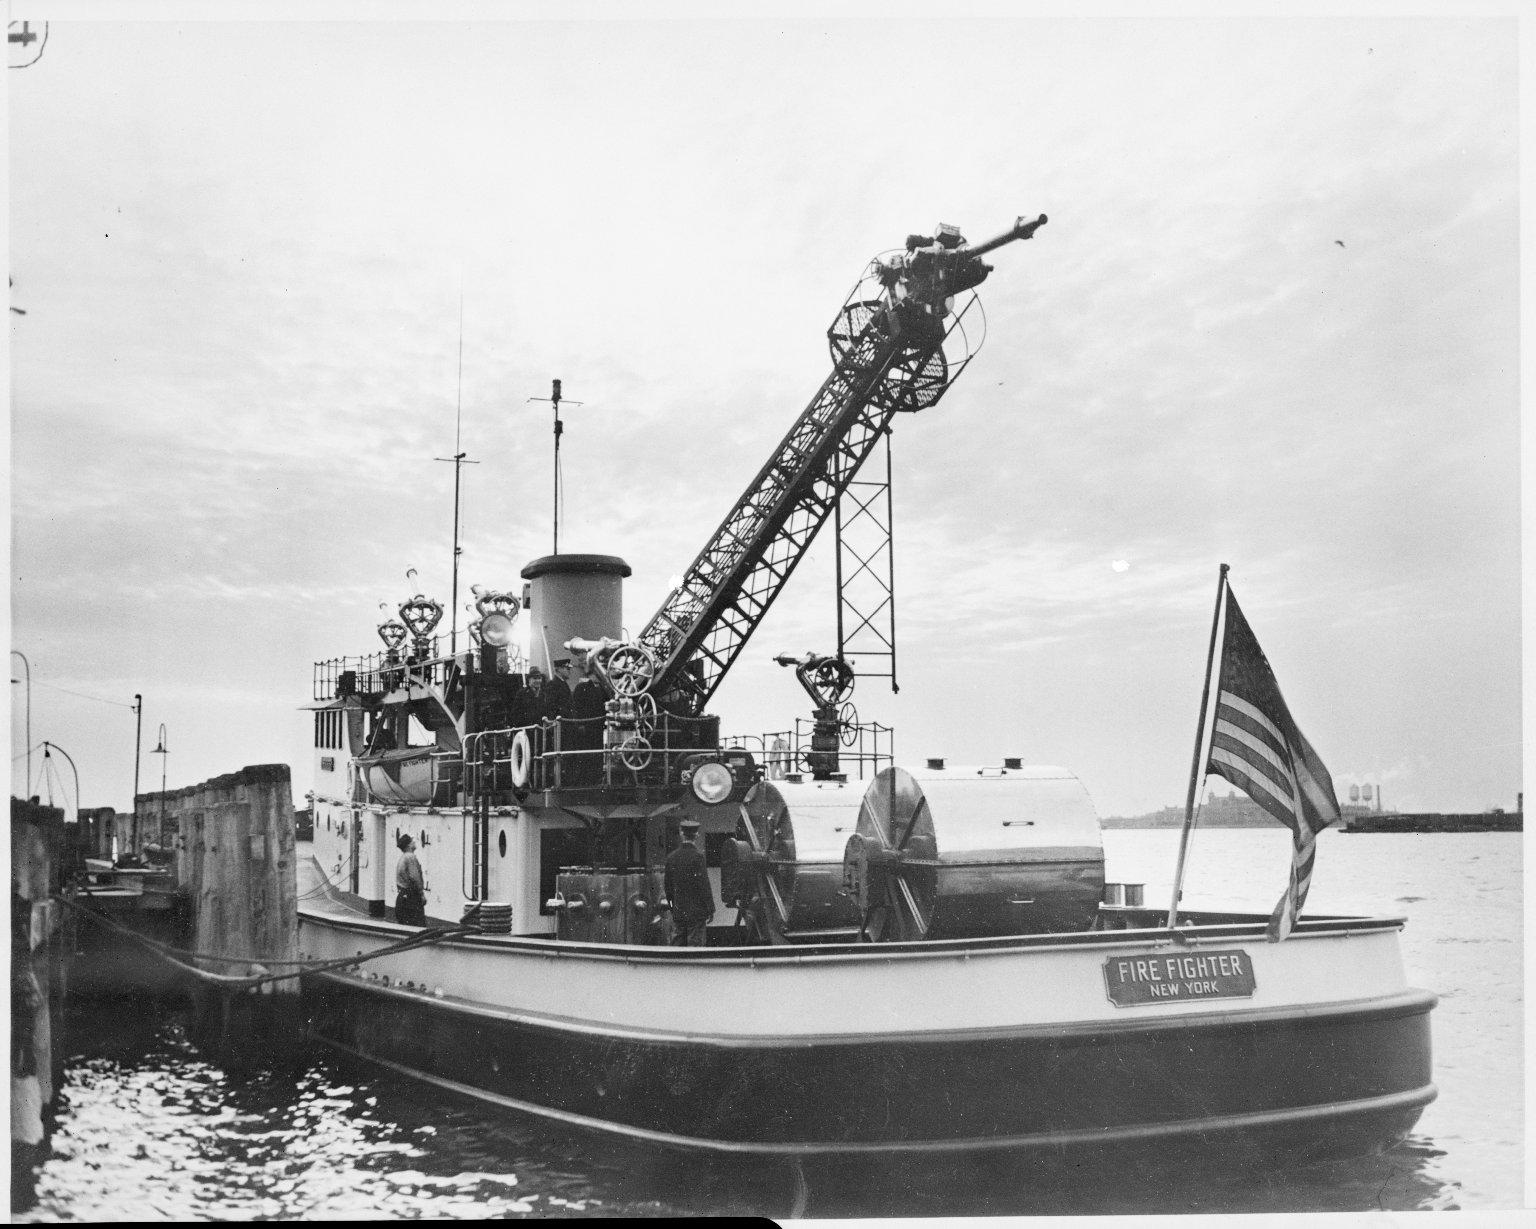 """Пожарный катер \""""Firefighter\"""". Подъем пожарной башни. Нью-Йорк, США. 1930-е"""